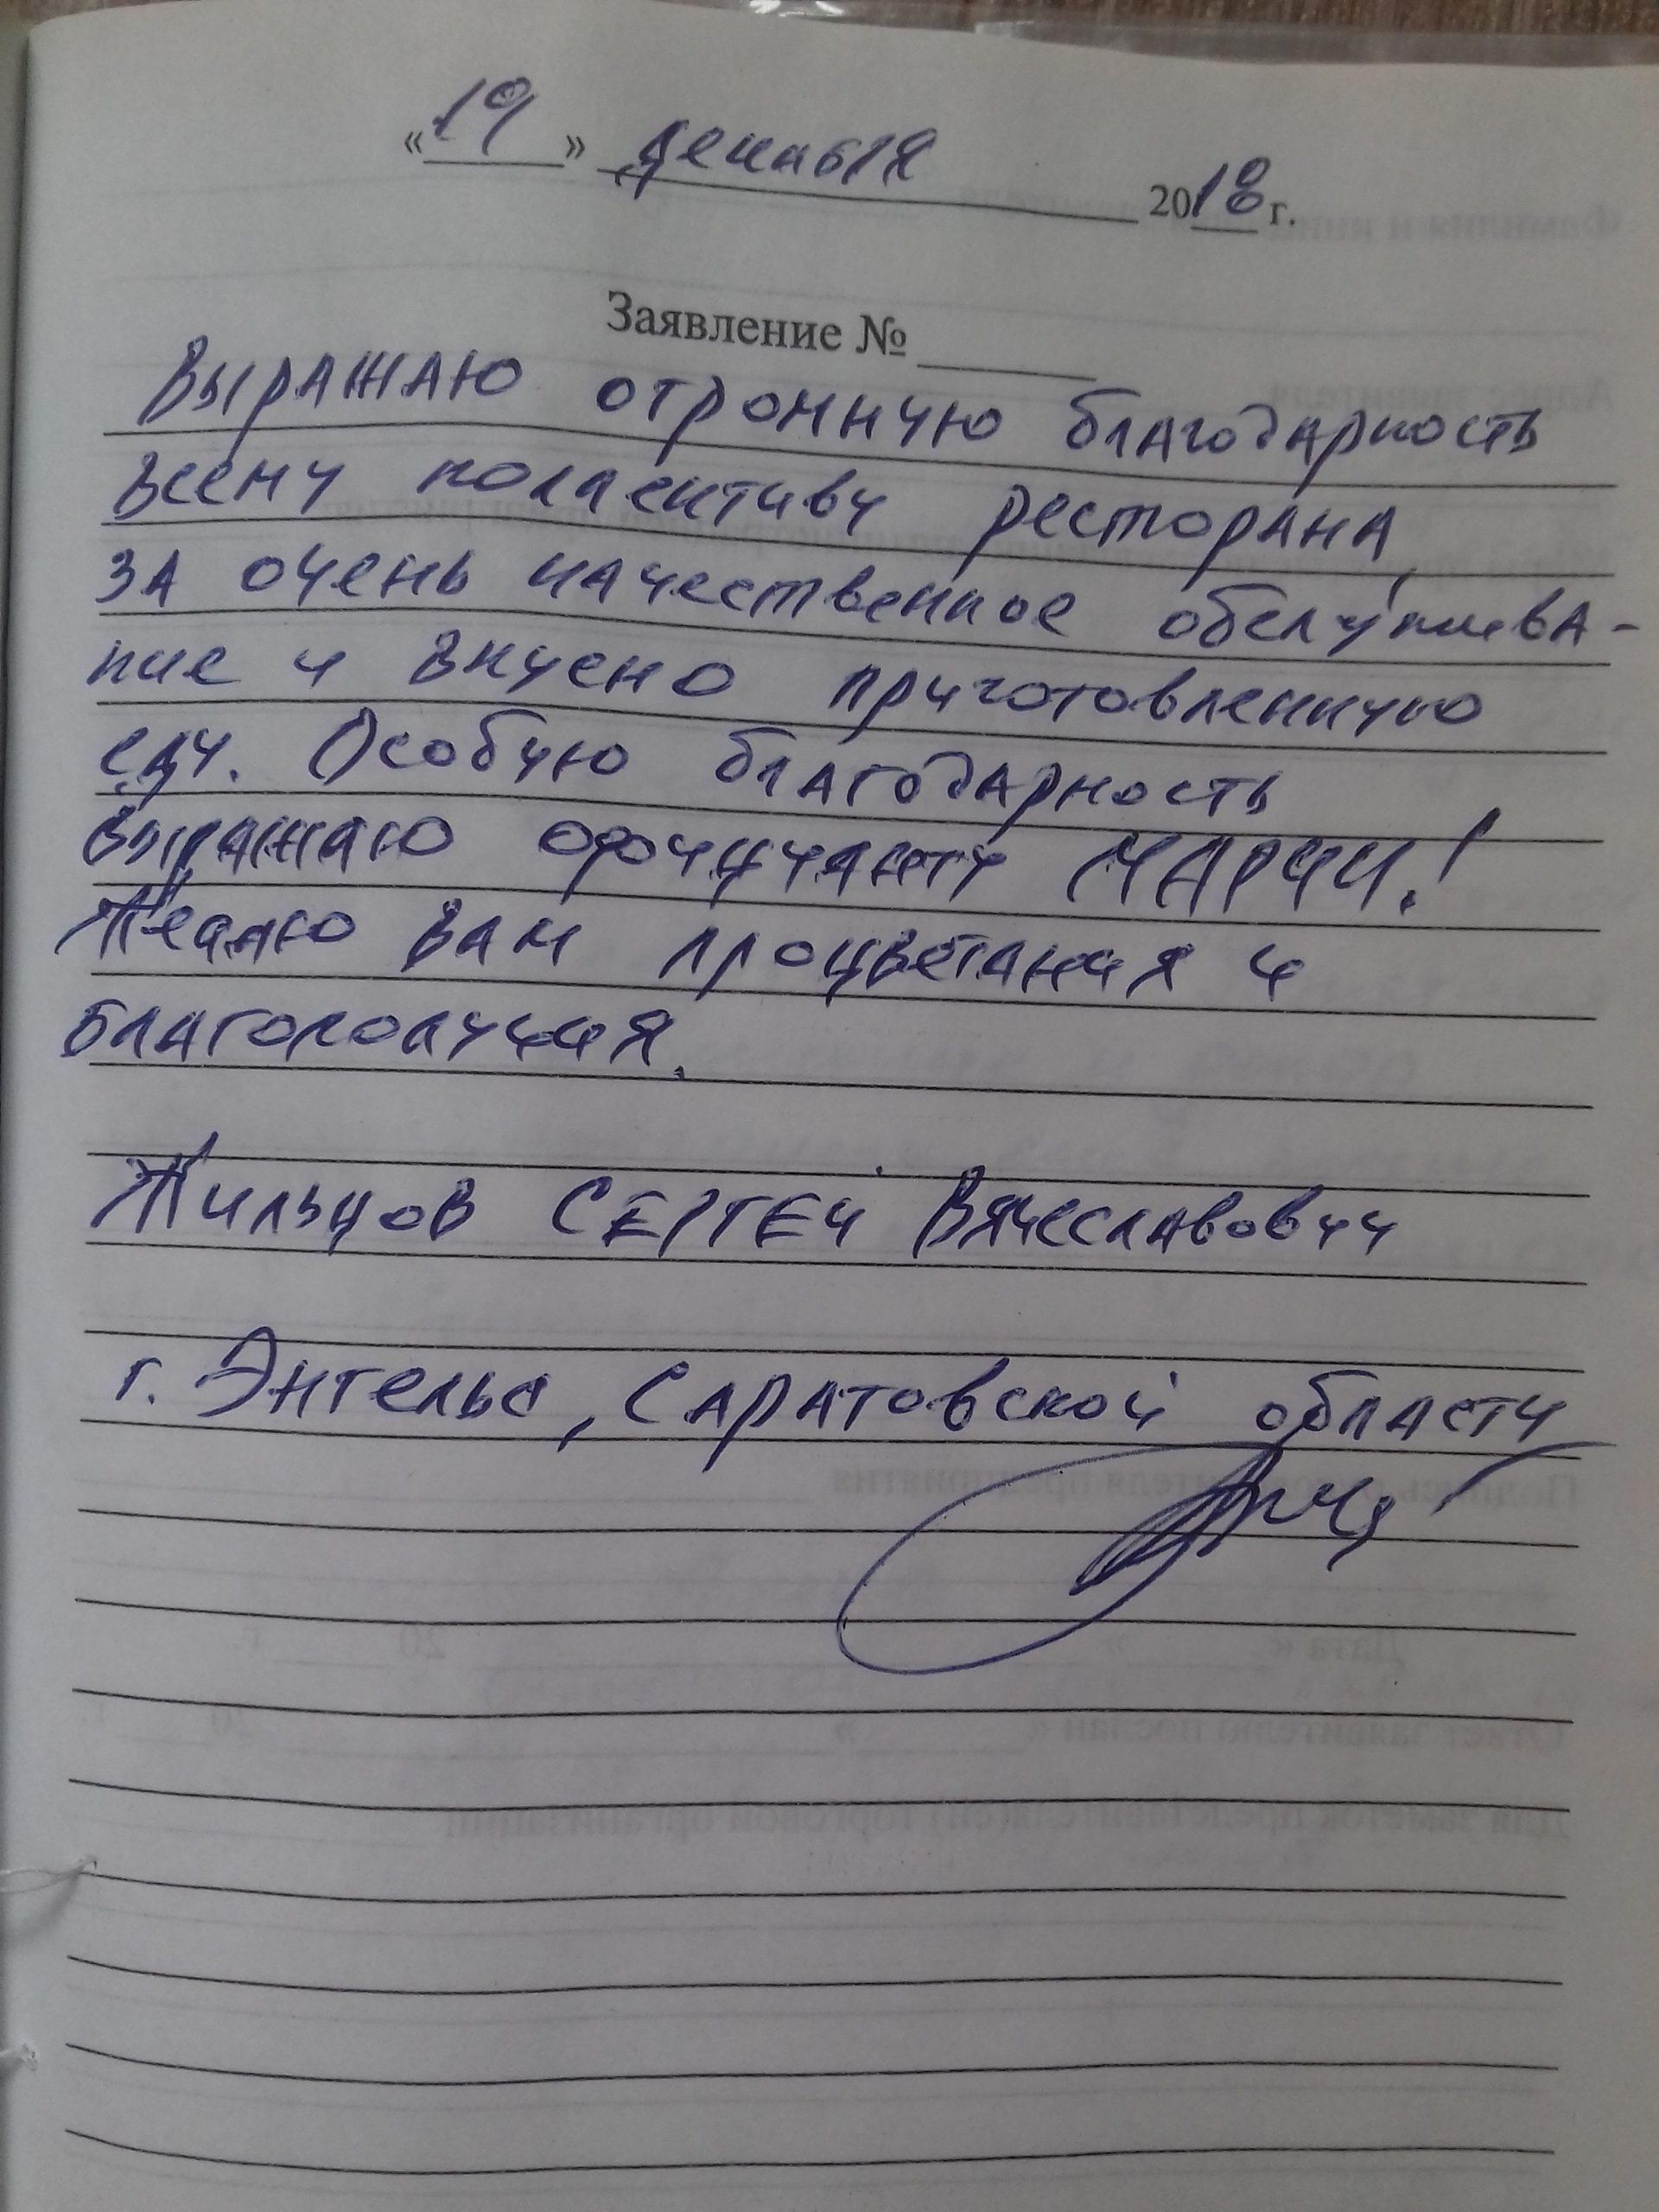 Жильцов С.В.